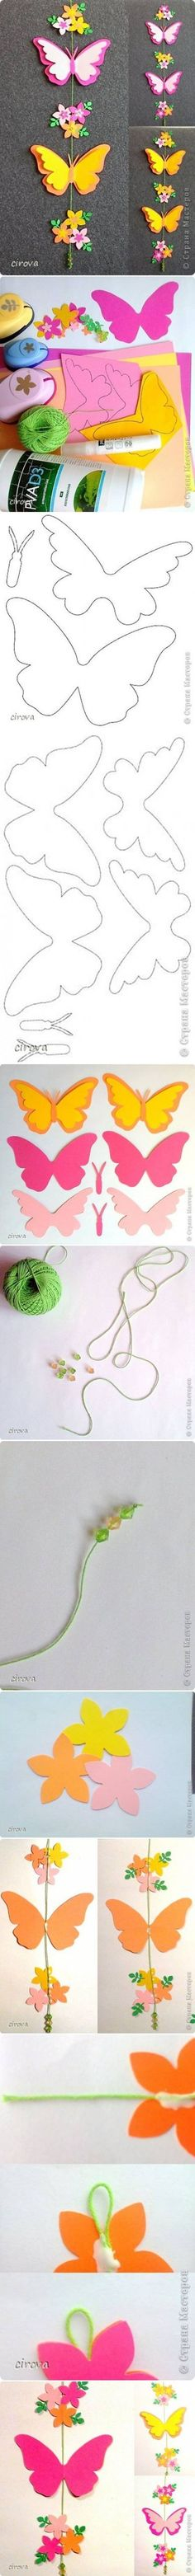 Vrolijke vlinders om zelf te maken!: